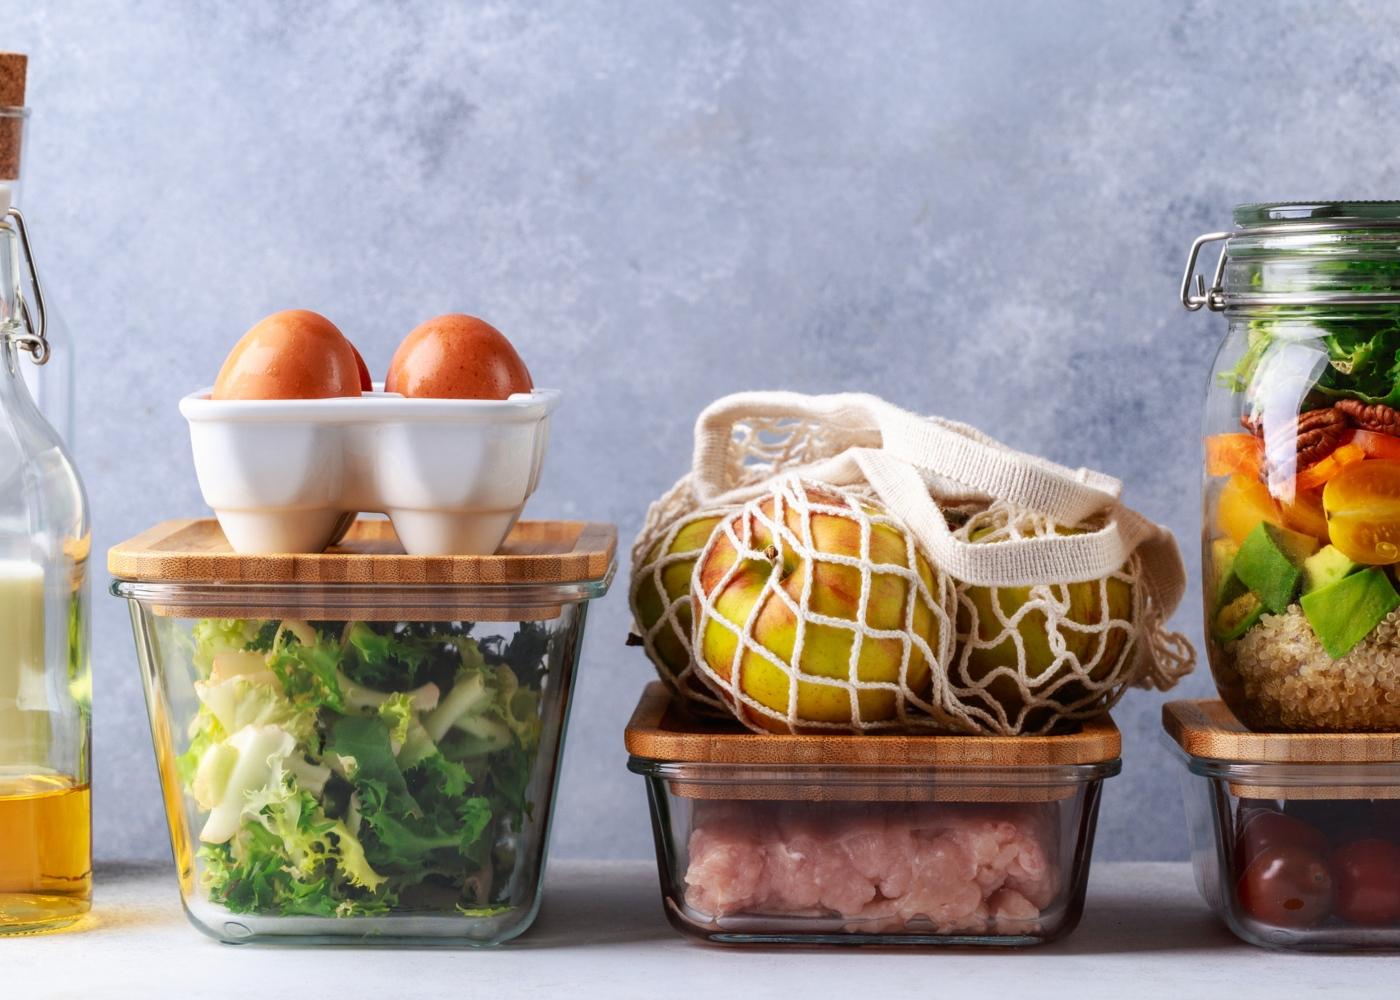 Armazenamento de alimentos no frigorífico: alimentos em frascos